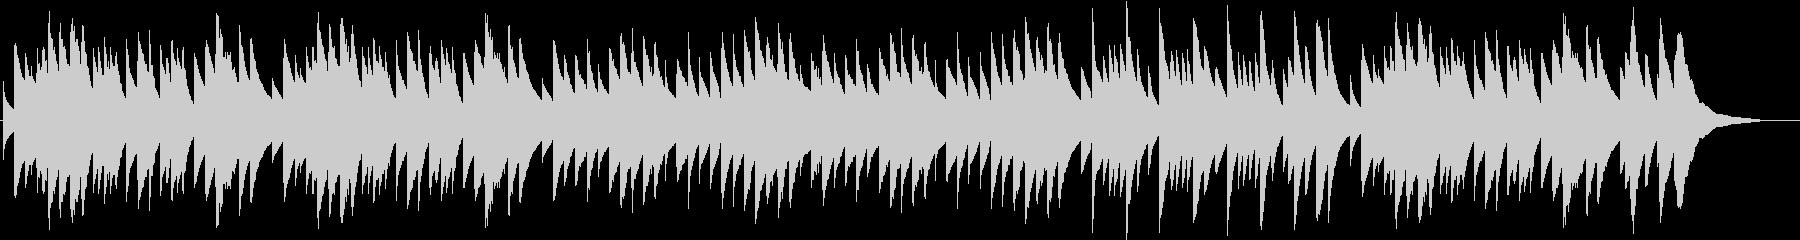 クリスマス定番曲のオルゴールバージョンの未再生の波形